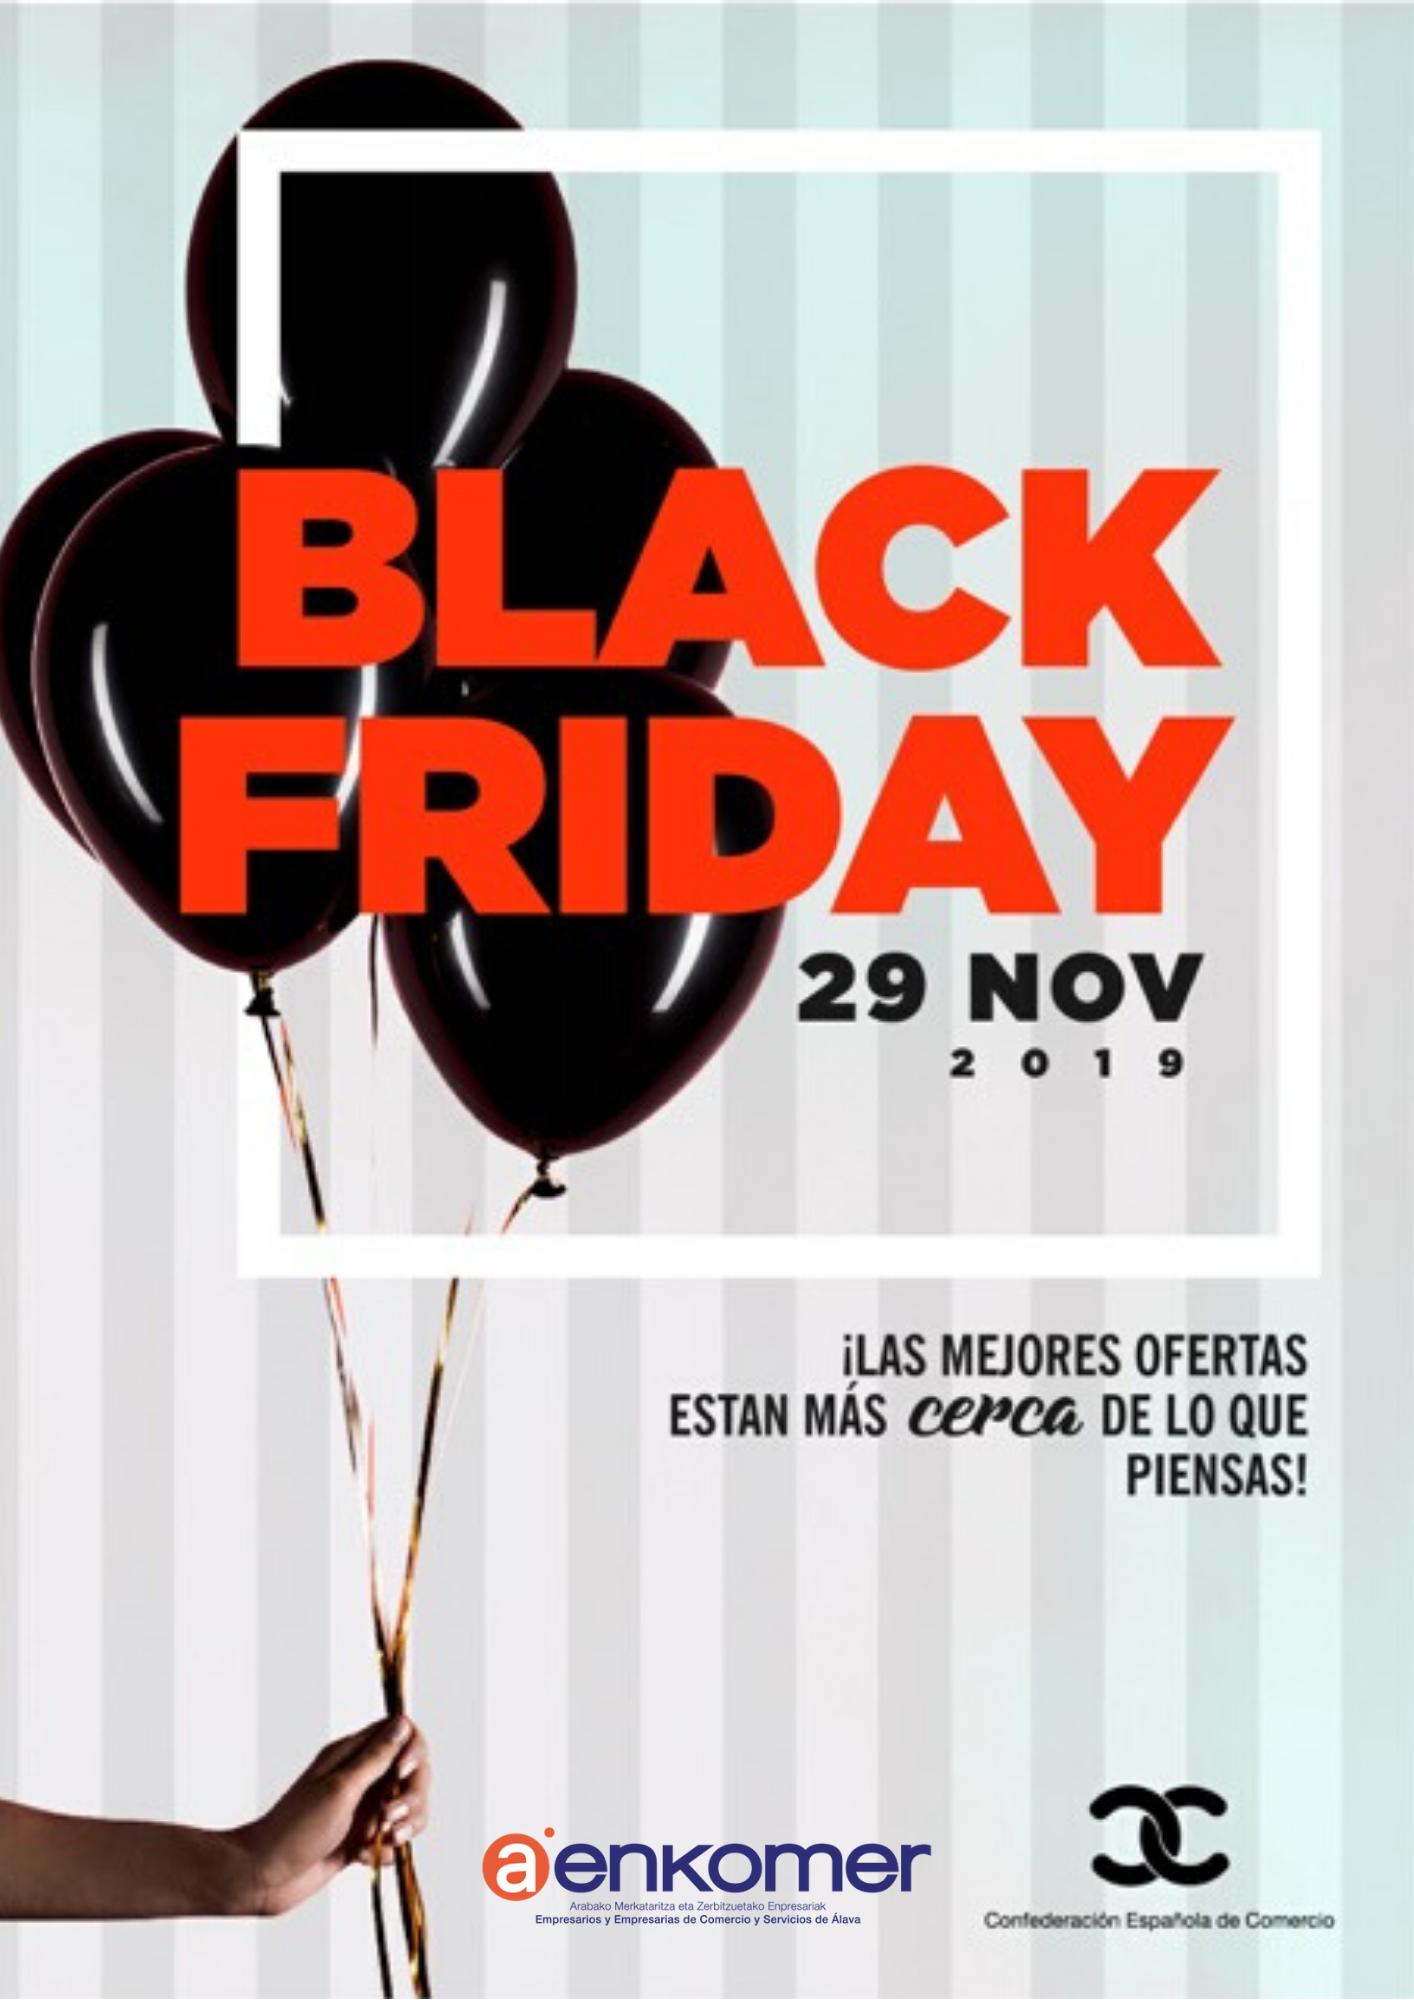 Un 67% del comercio alavés participará en el 'Black Friday'